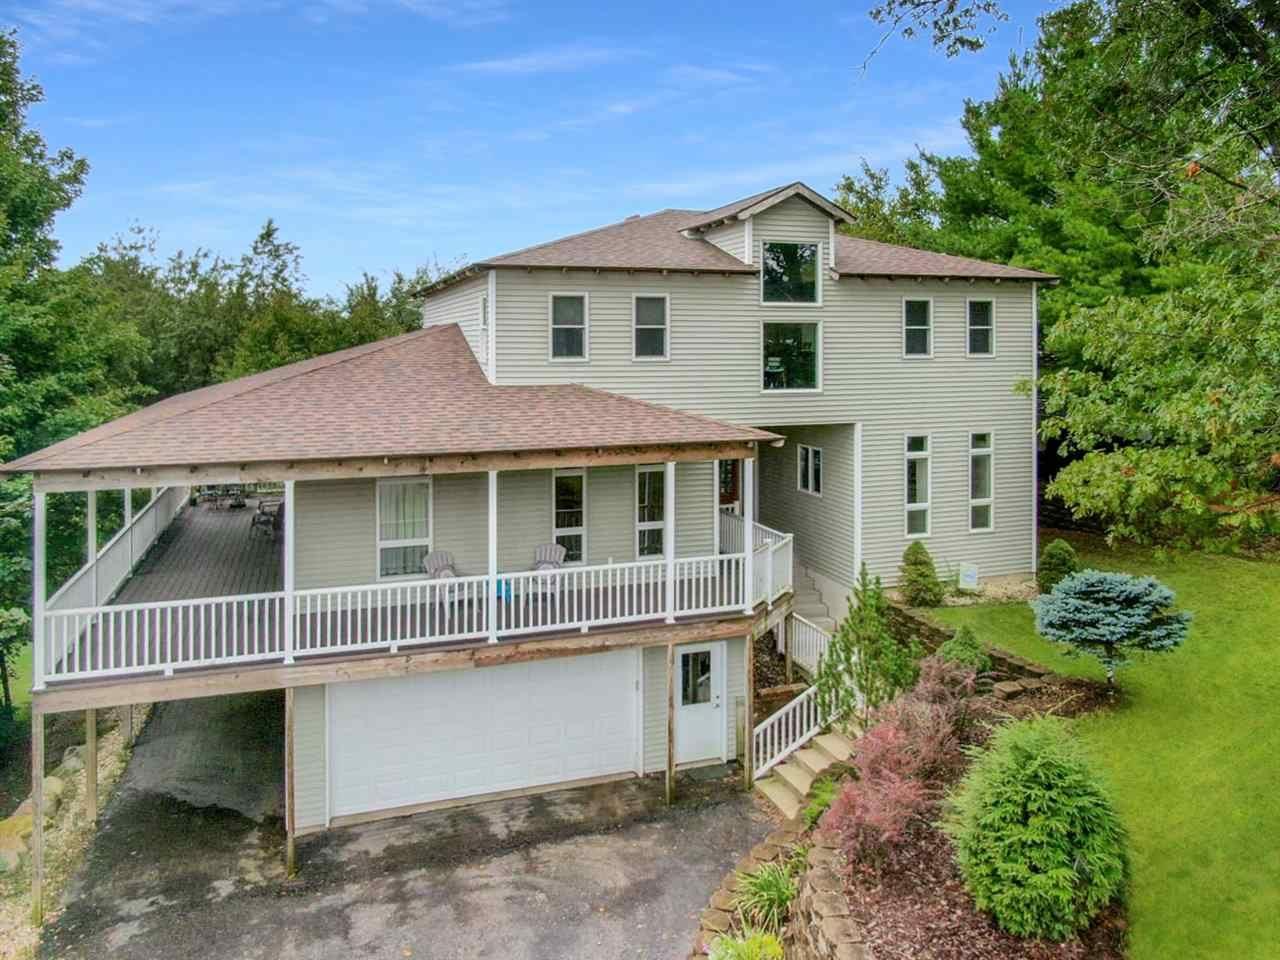 W10913 Lake View Dr, Lodi, WI 53555 - MLS#: 1893448